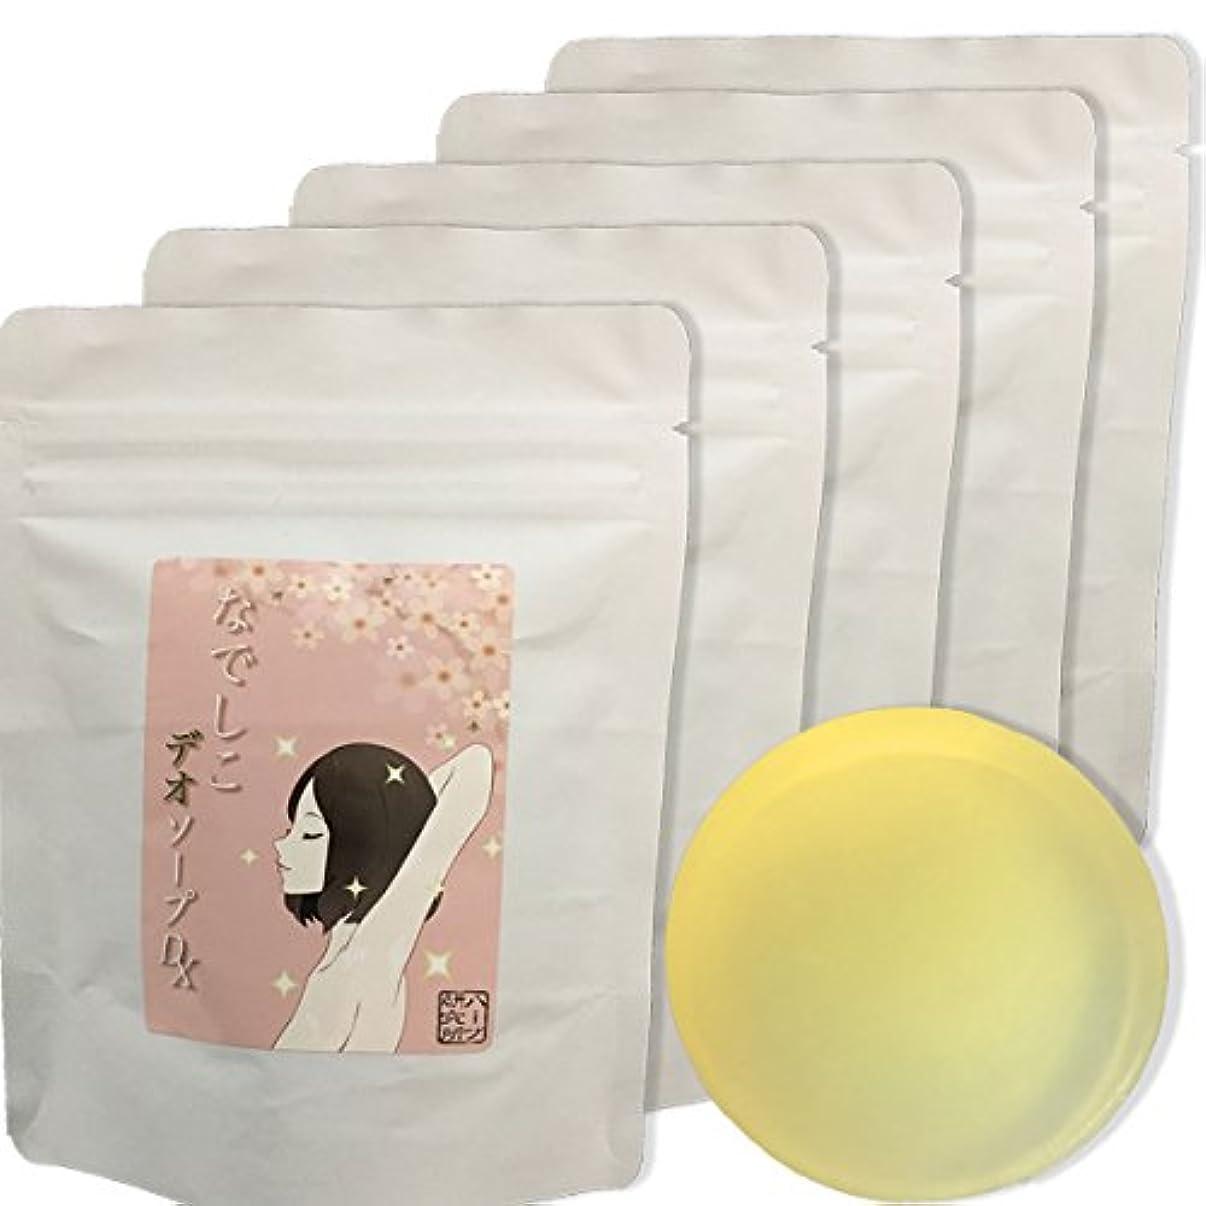 概要膿瘍翻訳者気になる黒ずみ&体臭対策に!なでしこ デオソープDX ハーブエキス + 柿渋配合 ハッカの香り 5個で20%OFF